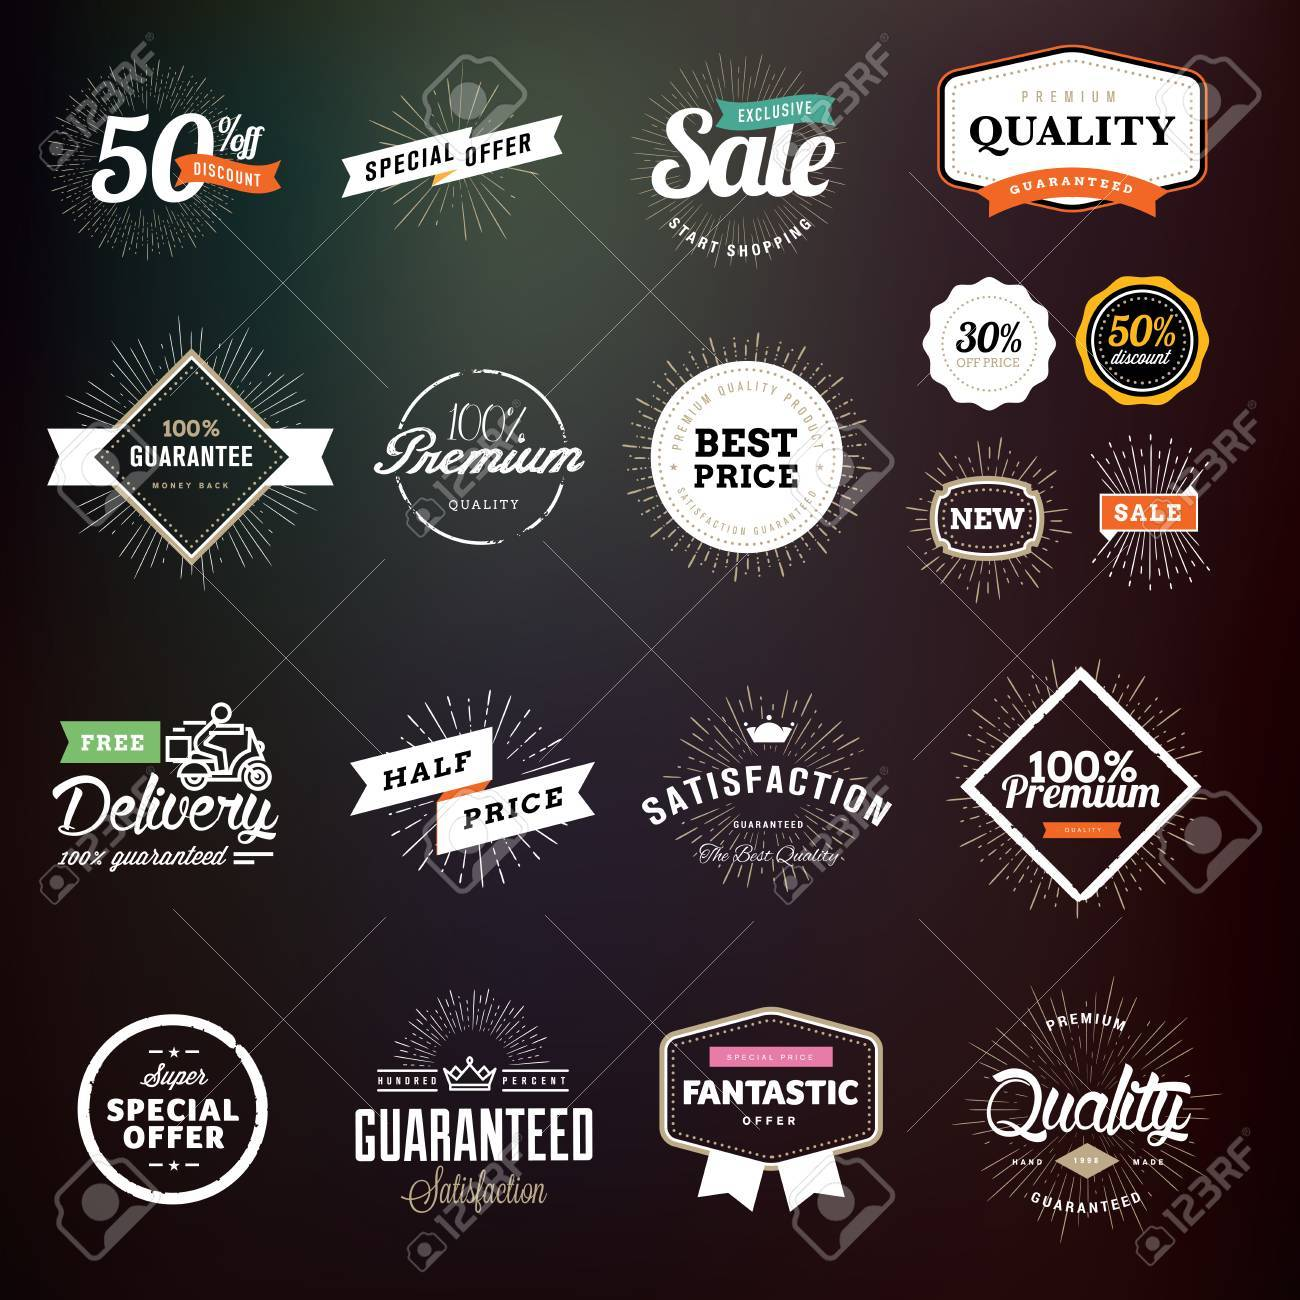 c553ae7bf6 Raccolta dei distintivi di qualità premium e le etichette per i  progettisti. Illustrazioni vettoriali per il commercio elettronico, la  promozione dei ...